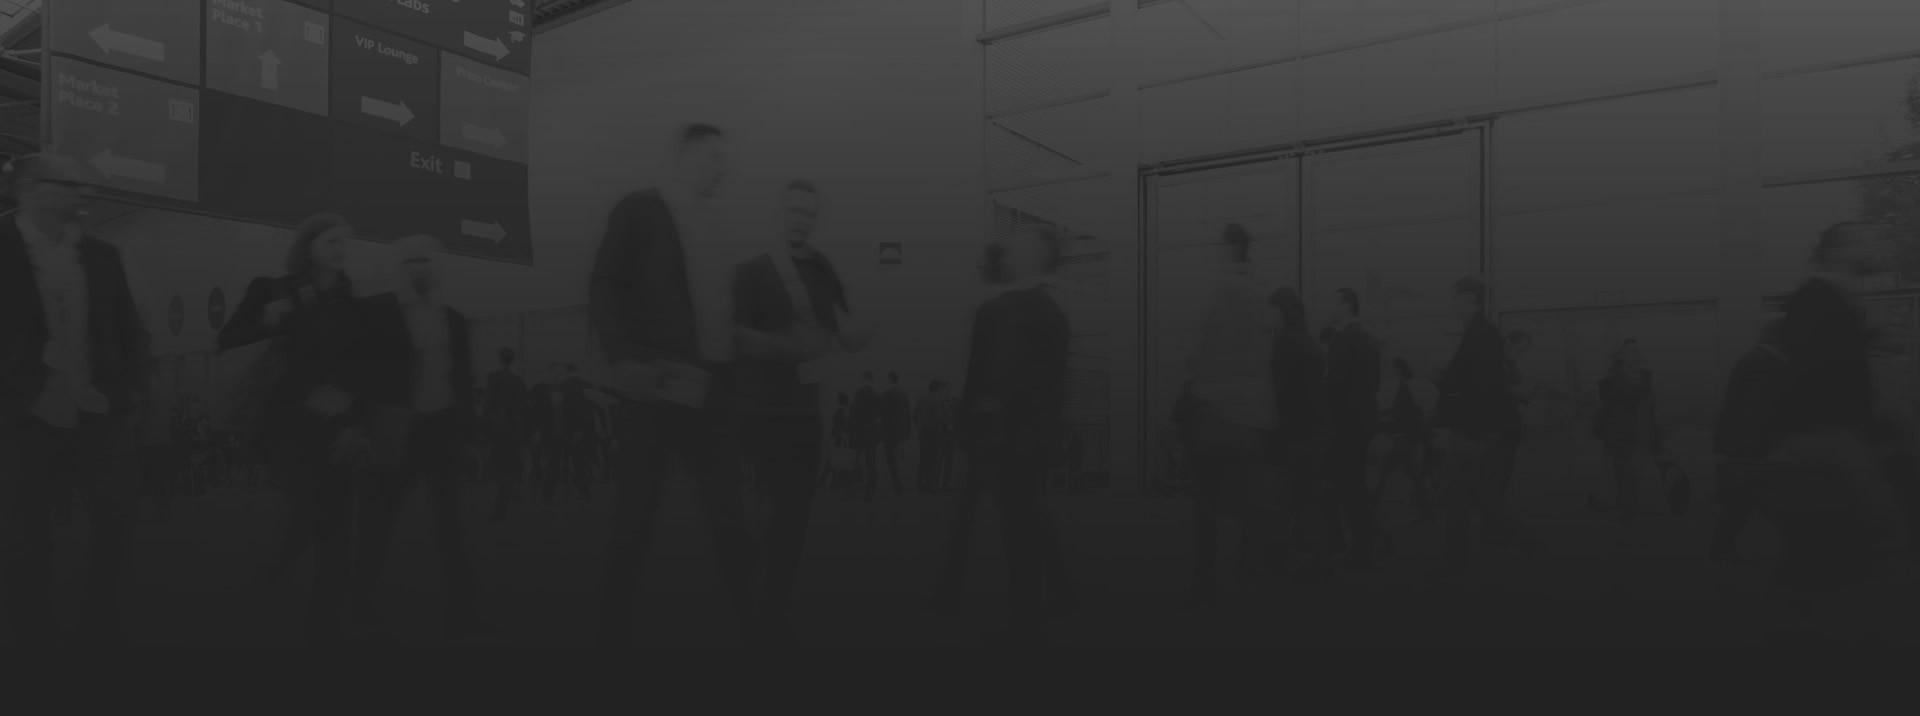 Emmegi Мероприятия И Выставки